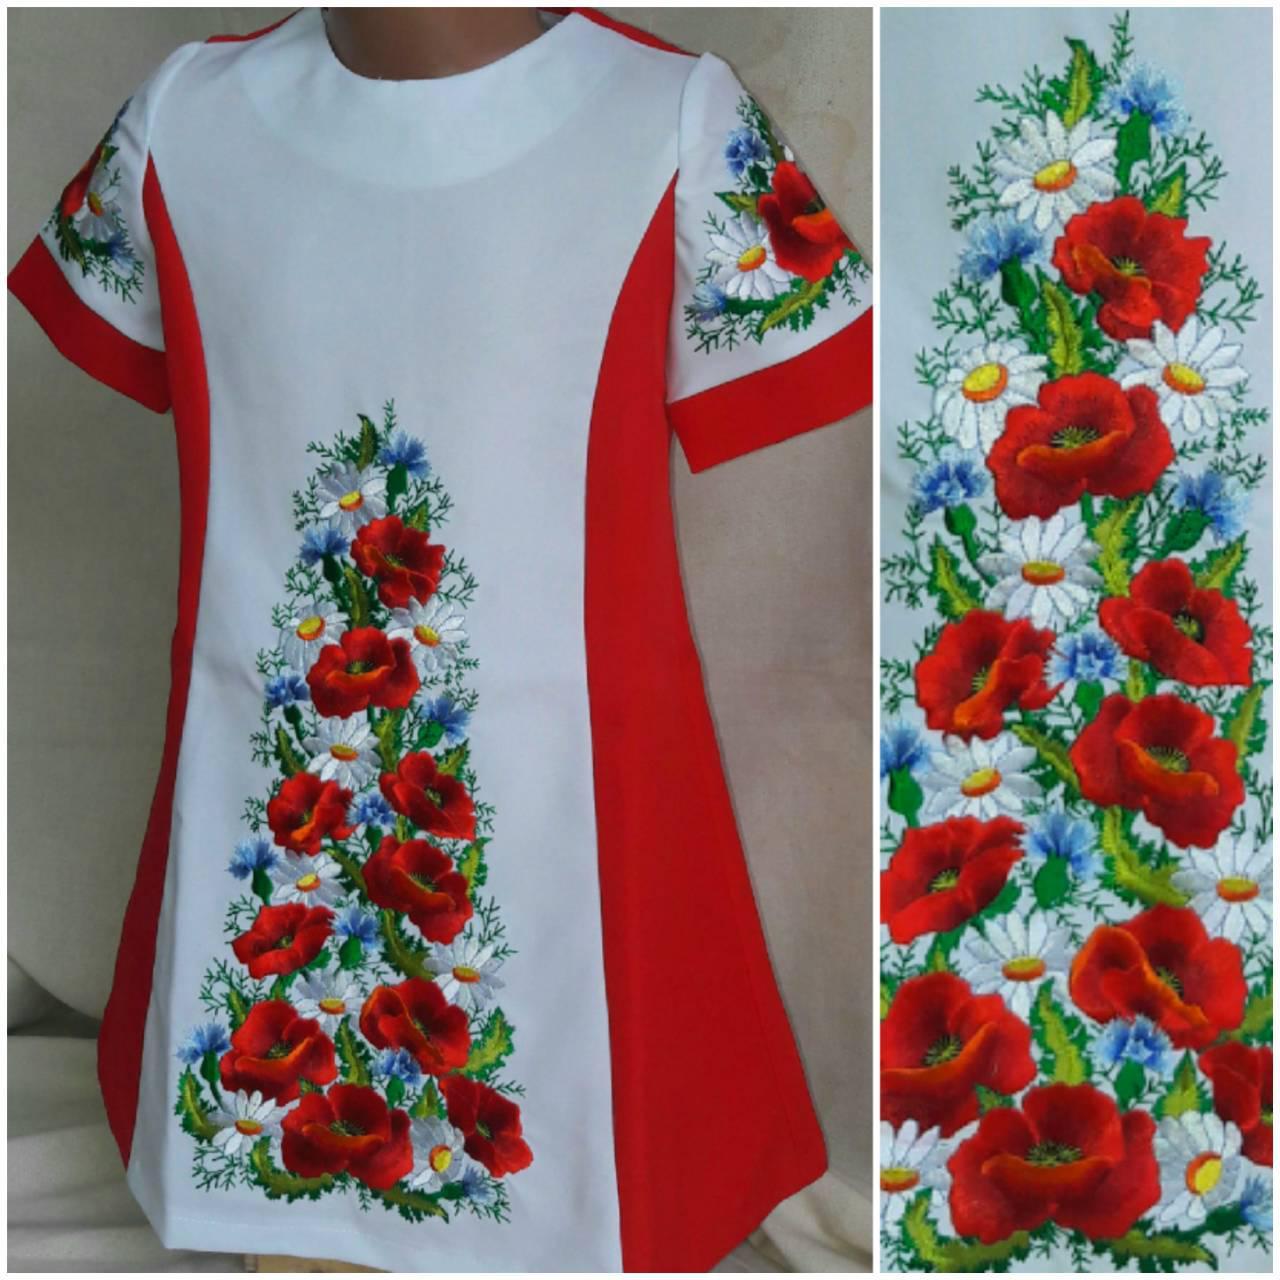 """Вышитое платье для девочки """"Полевые цветы"""", габардин, рост 146-152 см., 410/370 (цена за 1 шт+ 40 гр.)"""